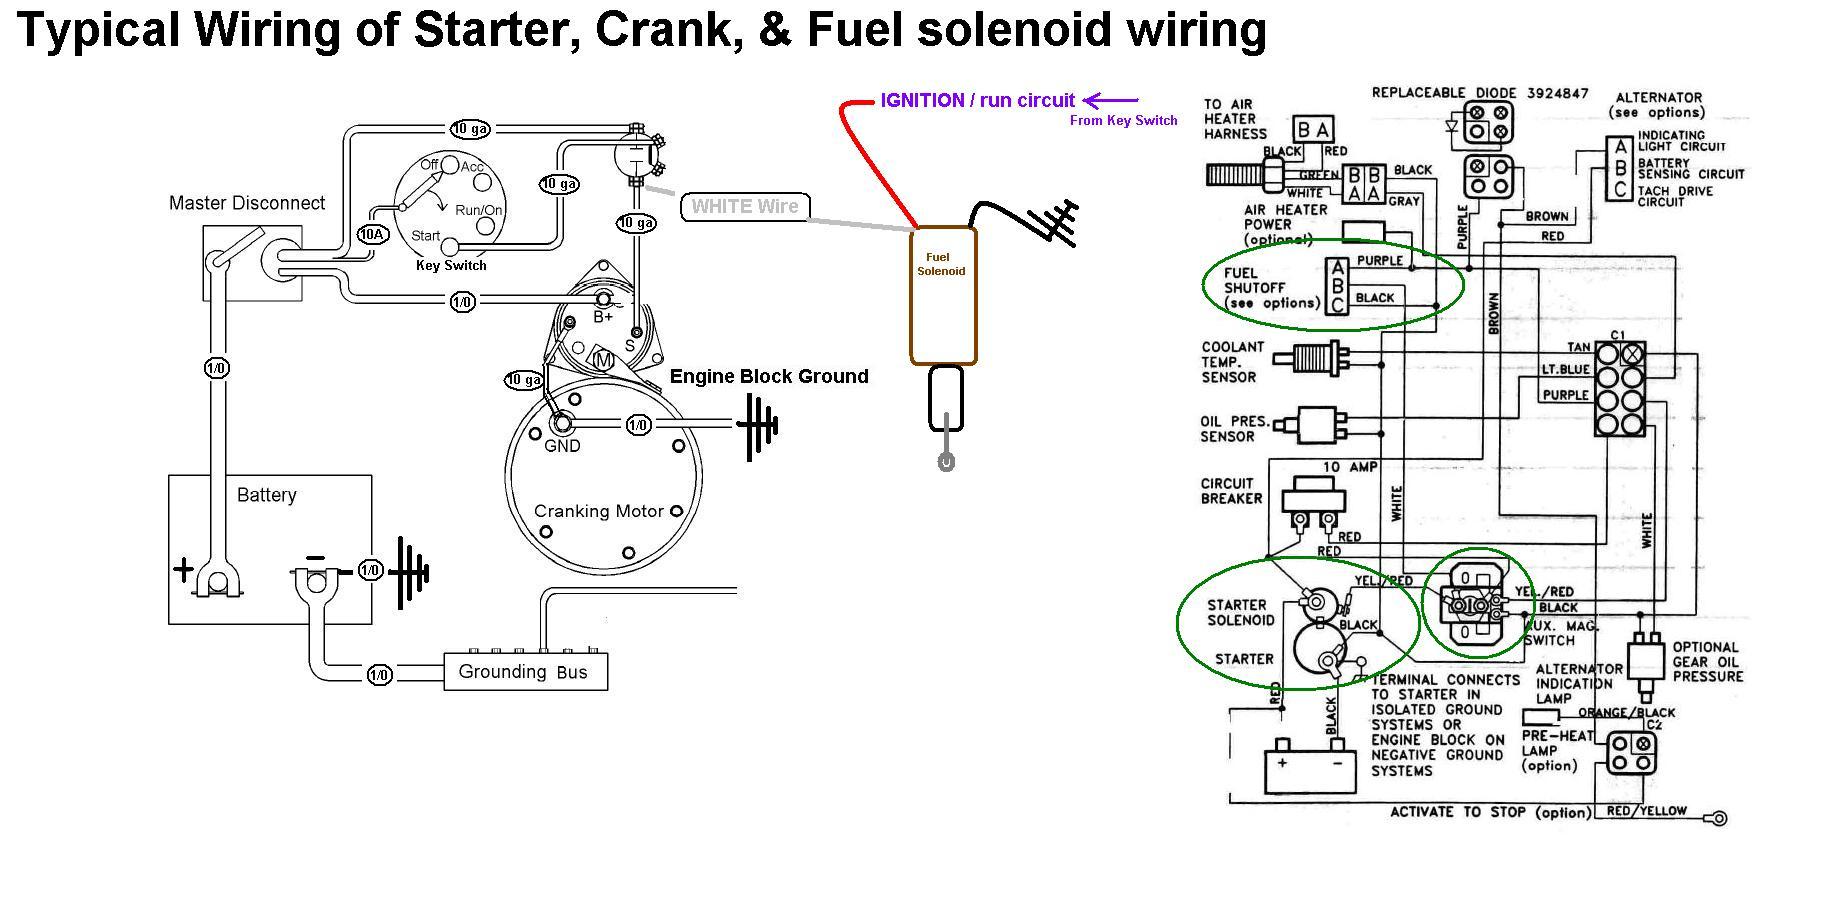 Starter Crank Amp Fuel Solenoid Wiring